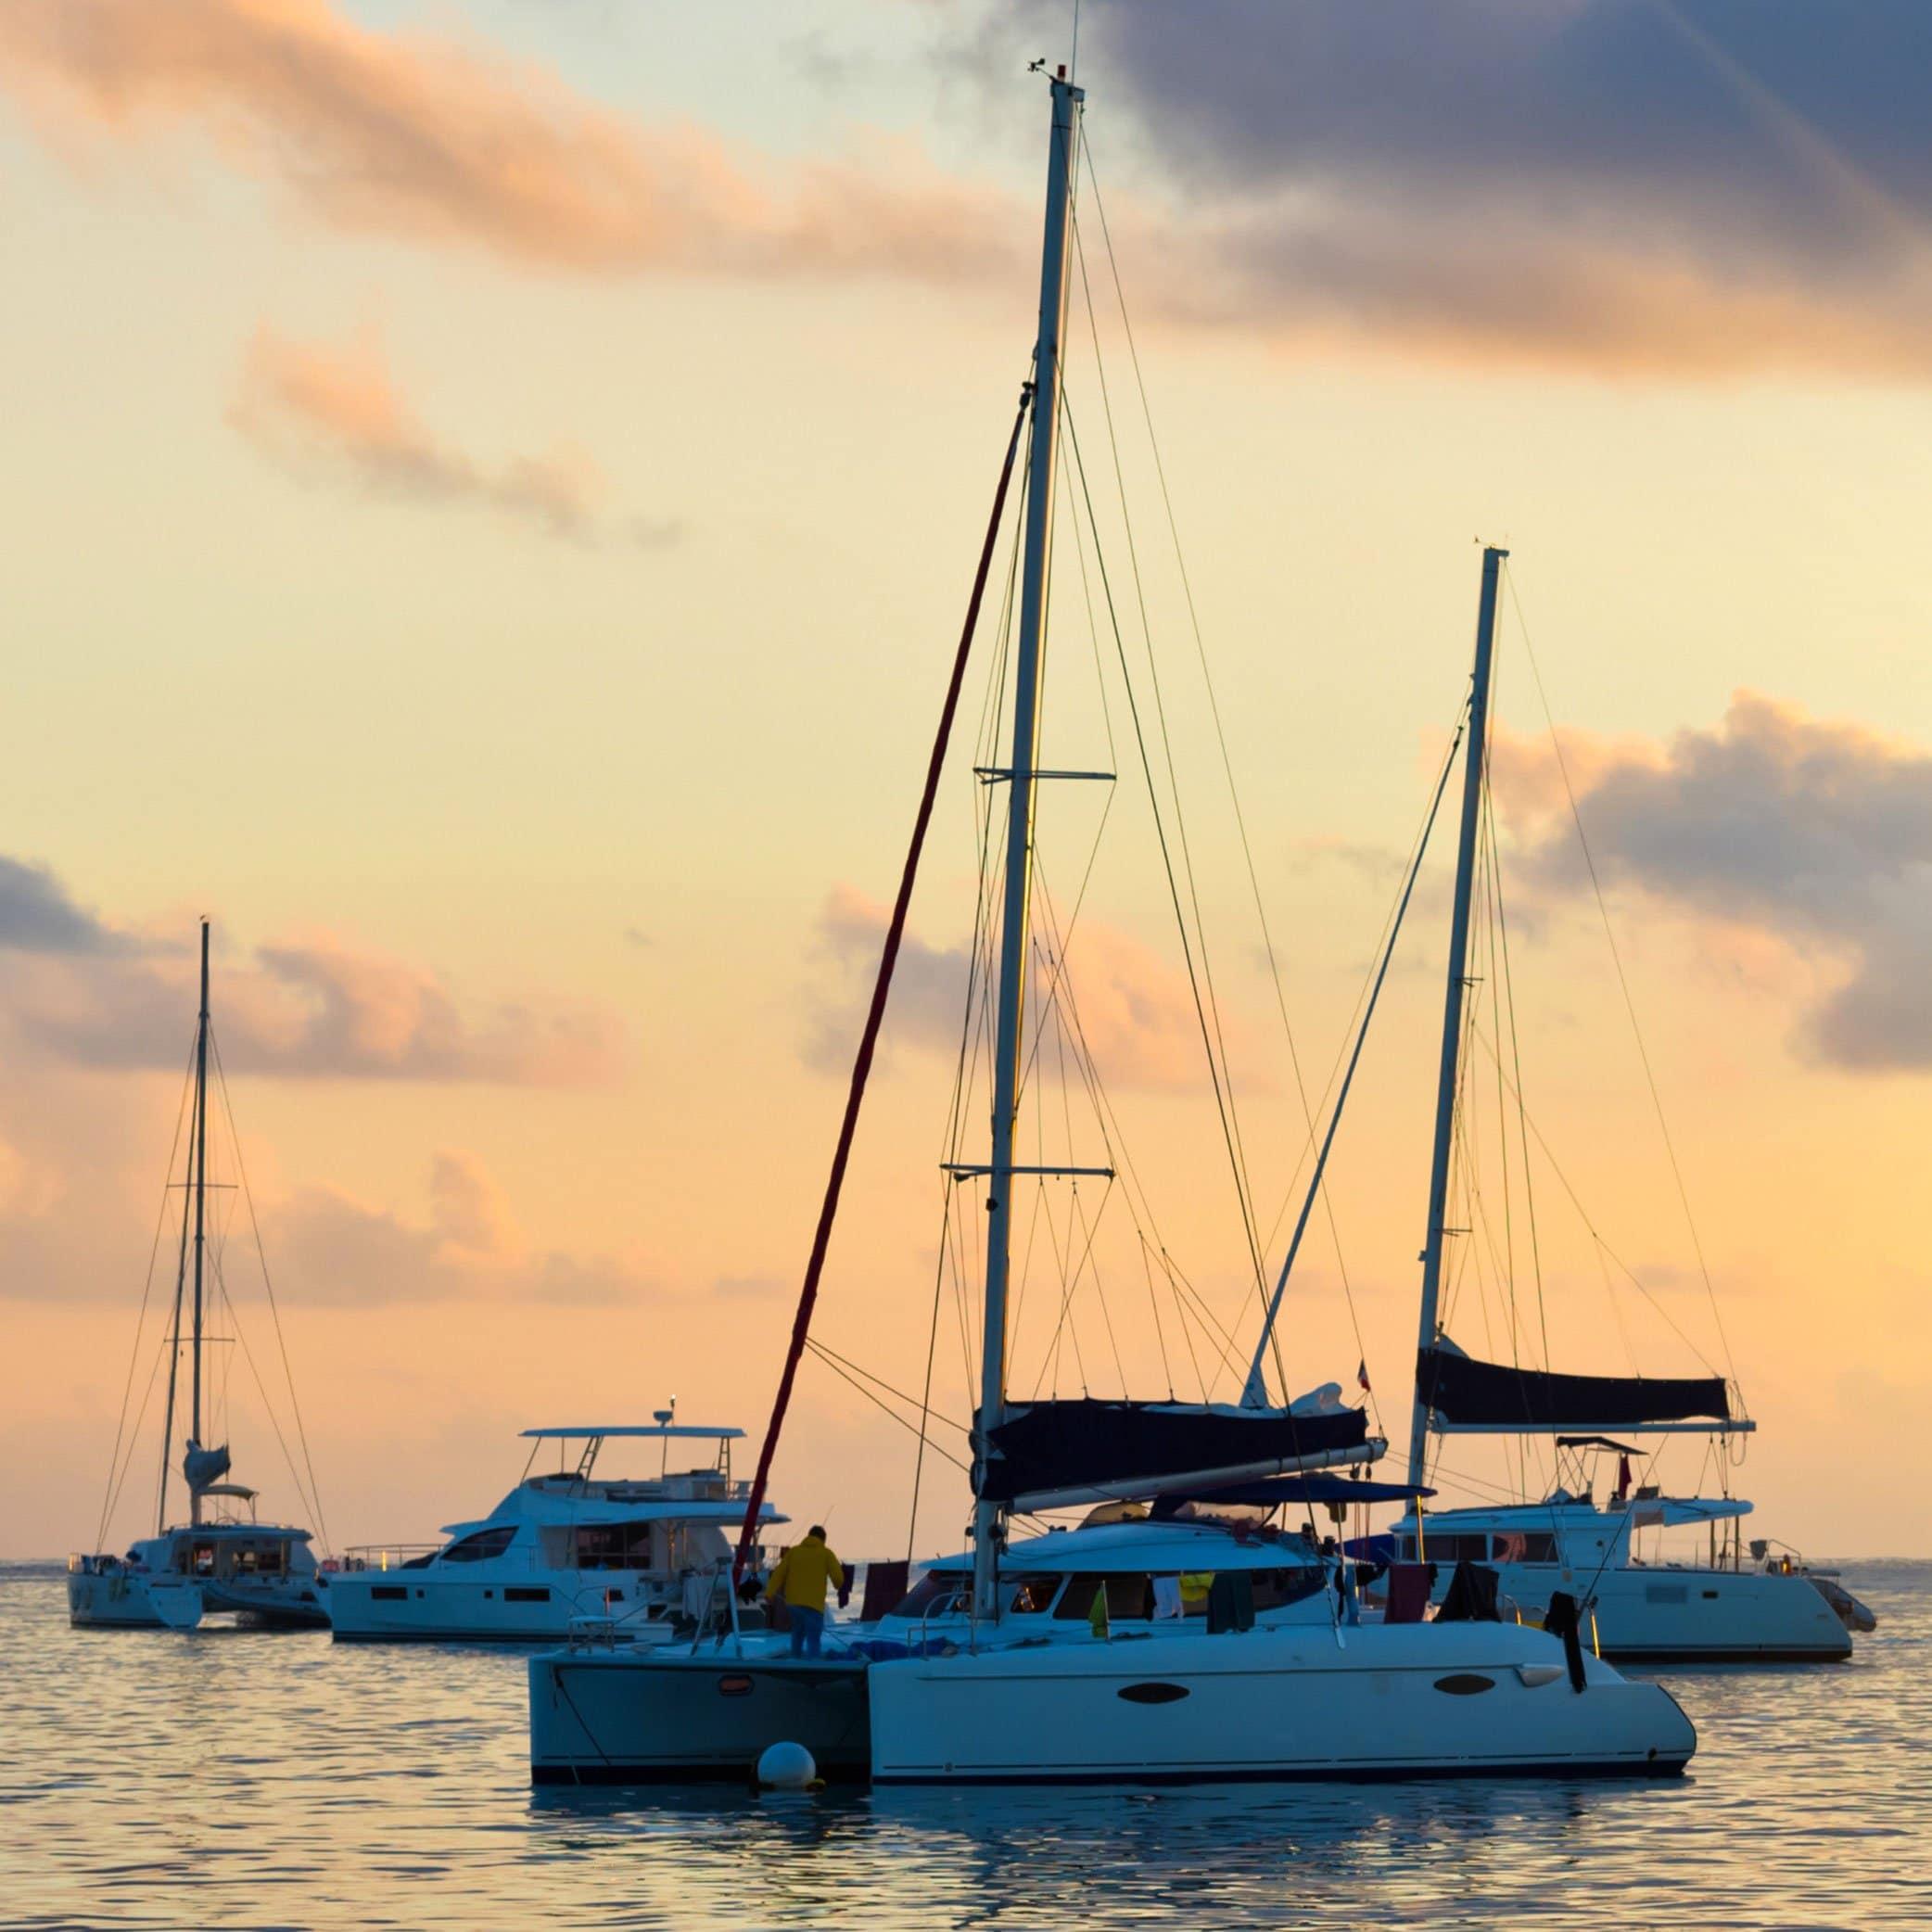 ARTICLE-Bilan positif pour les Îles Vanille